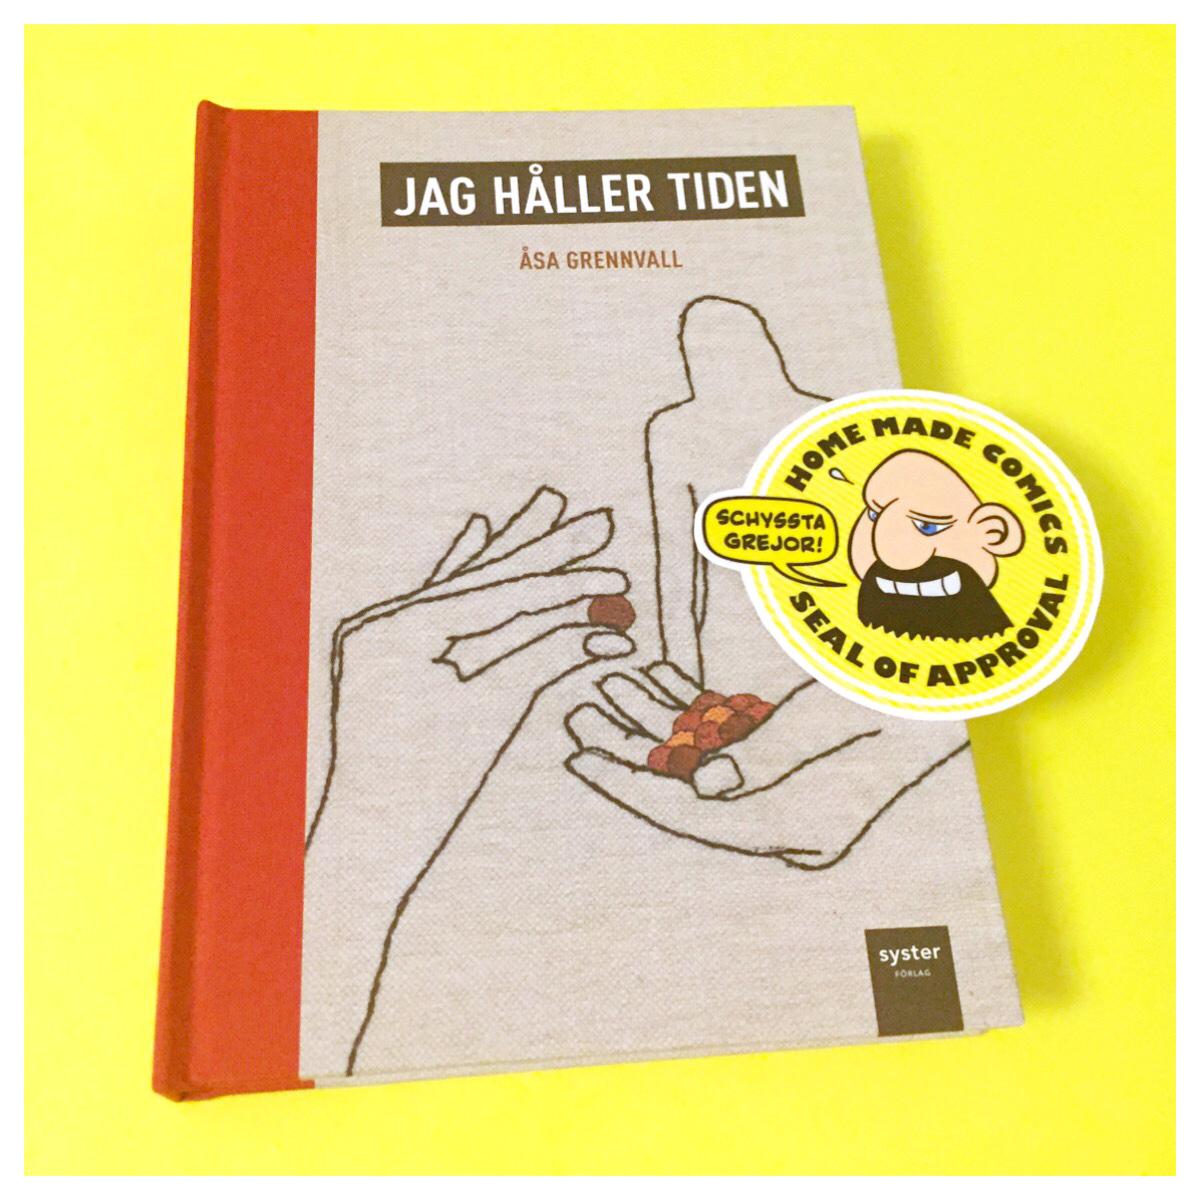 Home Made Comics Seal of Approval #160. Jag håller tiden av Åsa Grennvall utgiven av Syster förlag 2016.